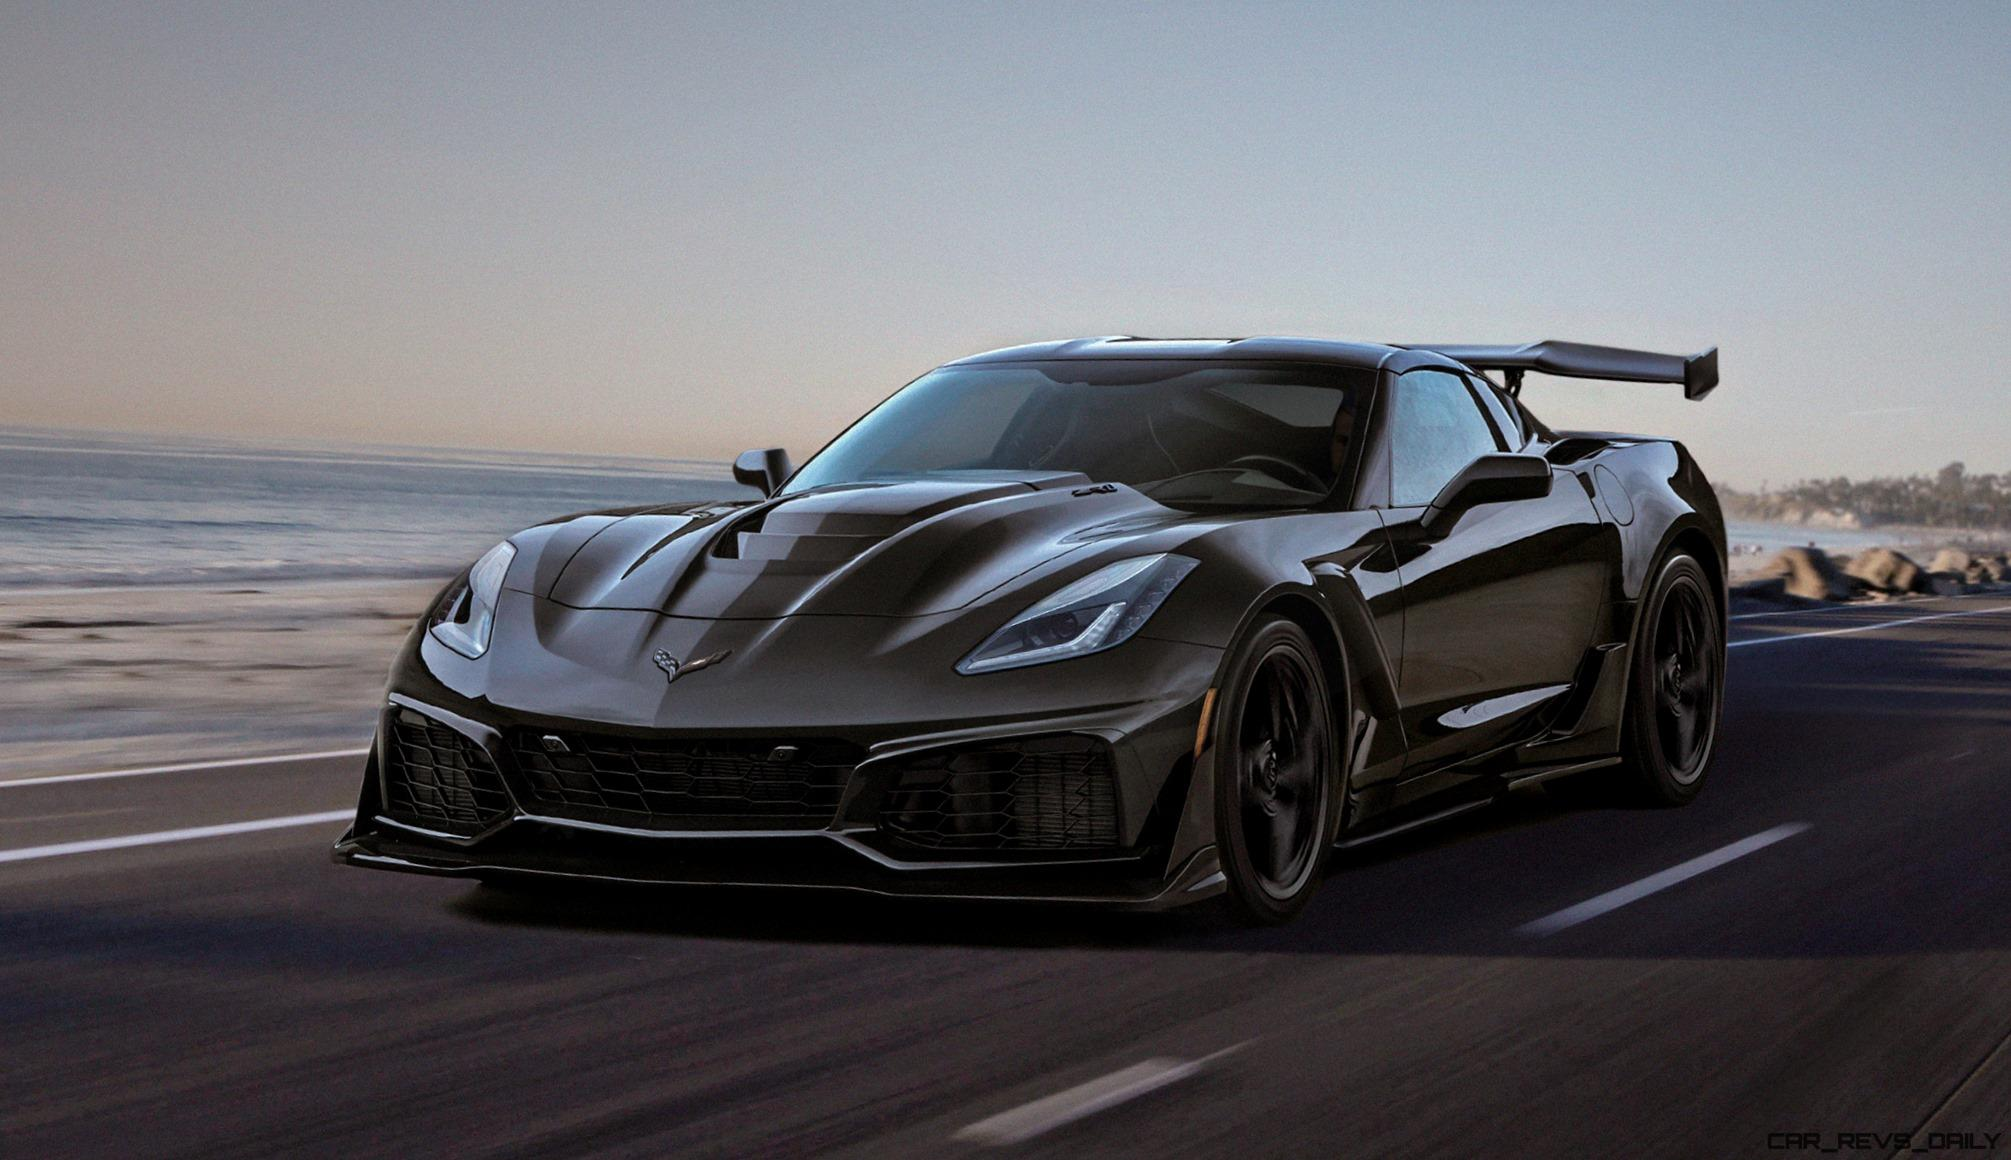 2019-Chevrolet-Corvette-ZR1-011